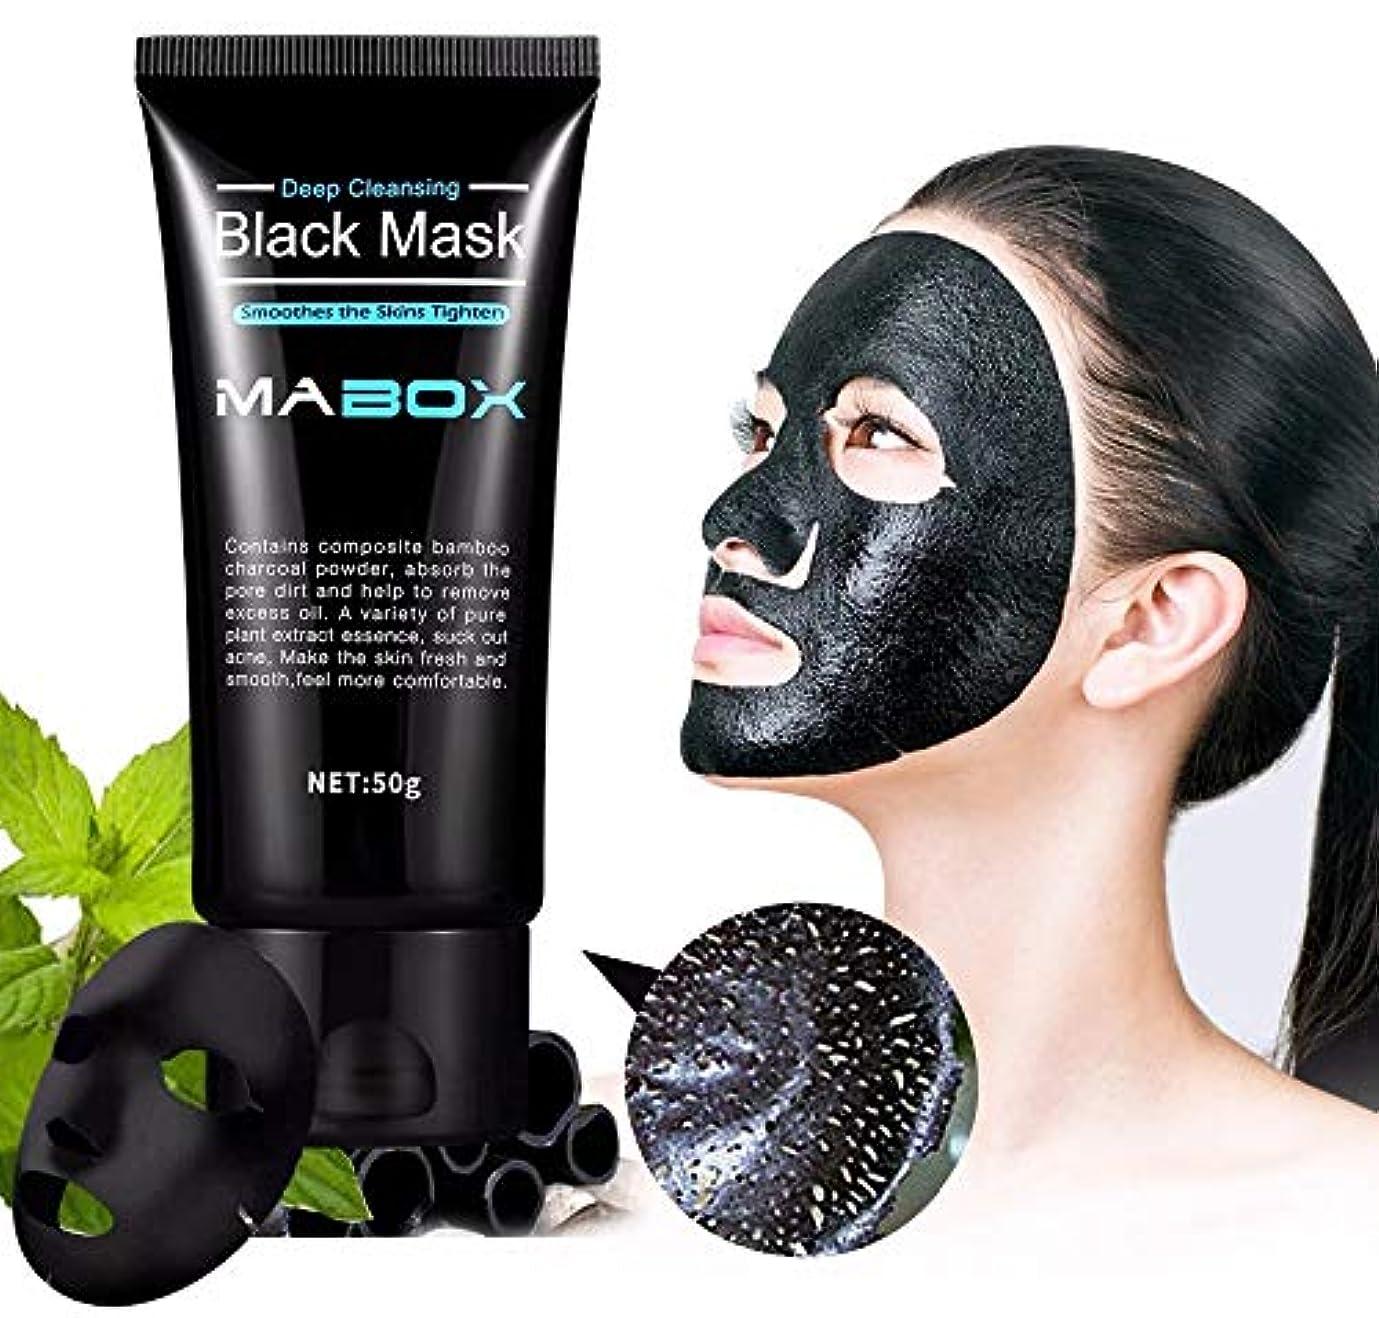 ことわざ醜いジョージスティーブンソンMabox Black Mask Peel Off Bamboo Charcoal Purifying Blackhead Remover Mask Deep Cleansing for AcneScars Blemishes...